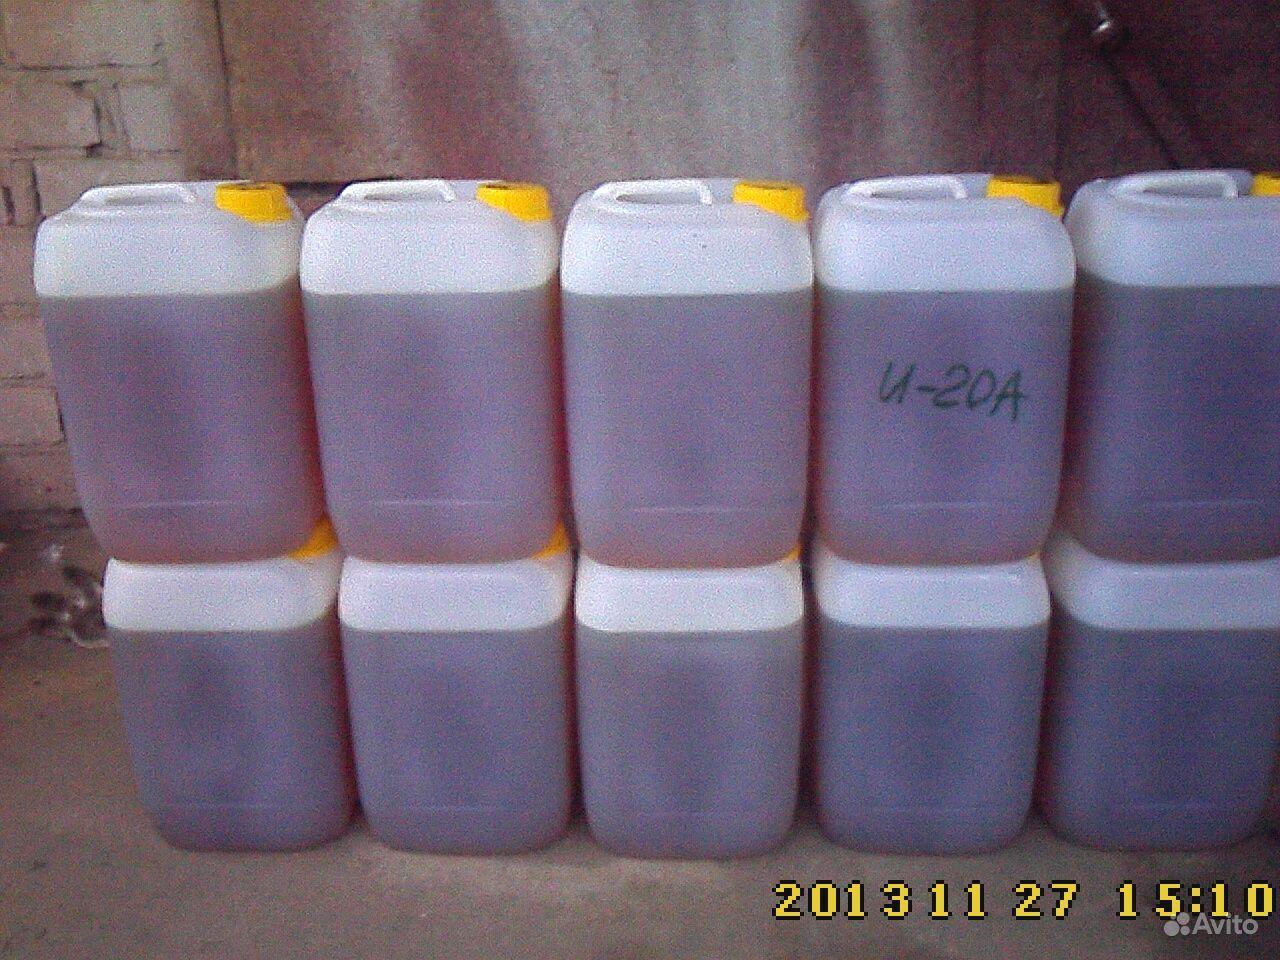 Купить Масло Гидравлическое - Индустриальное марки И20 и И40